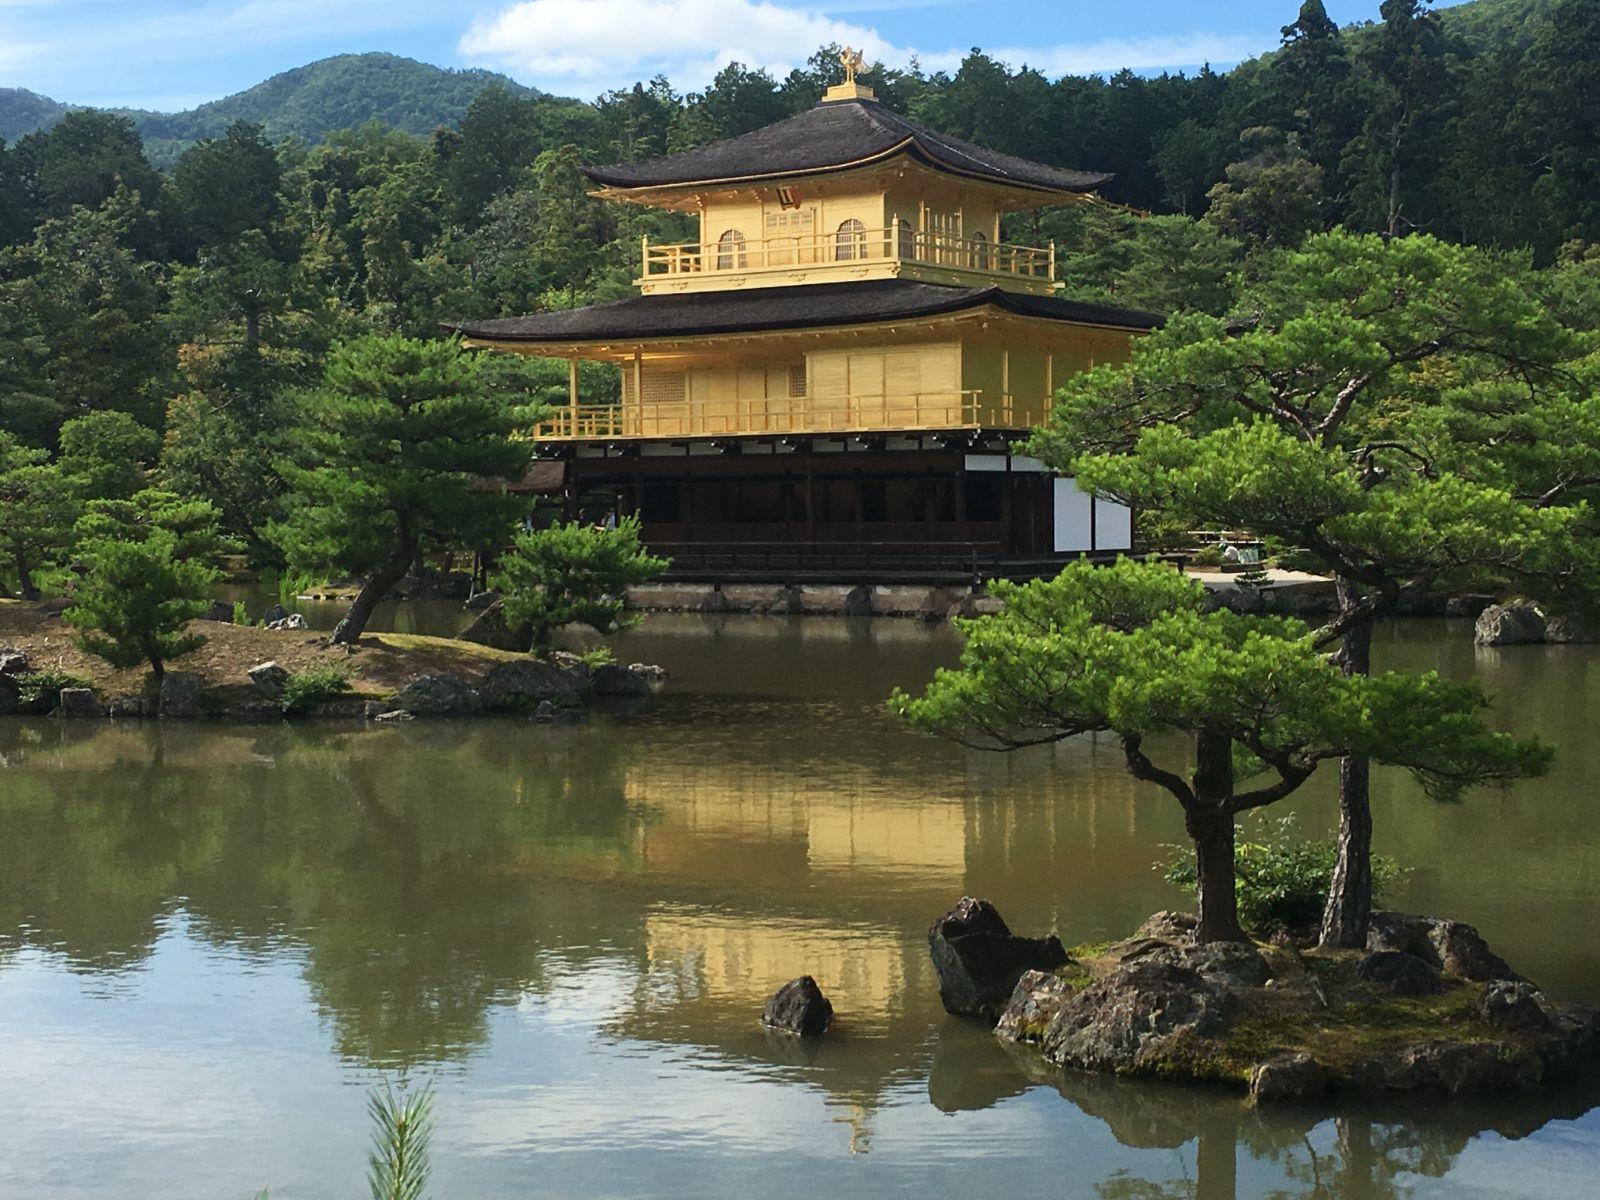 Gyllene paviljongen